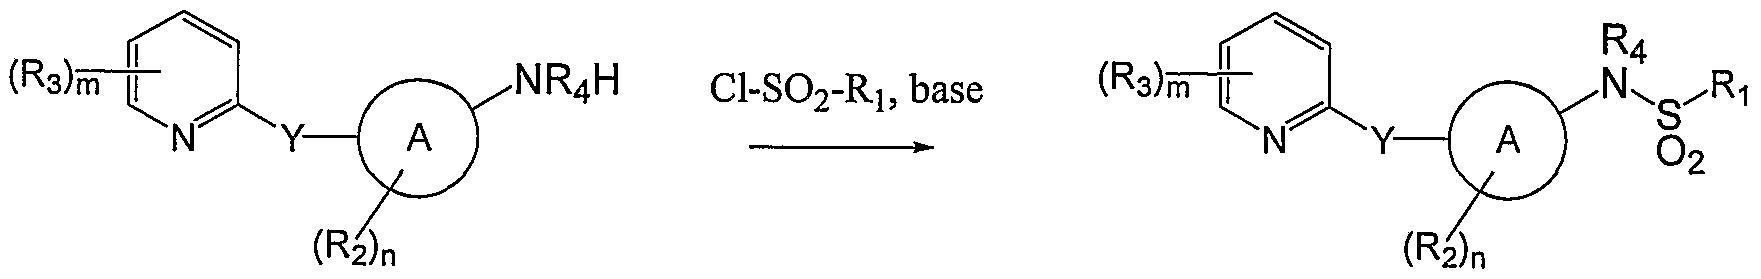 Figure imgf000062_0003